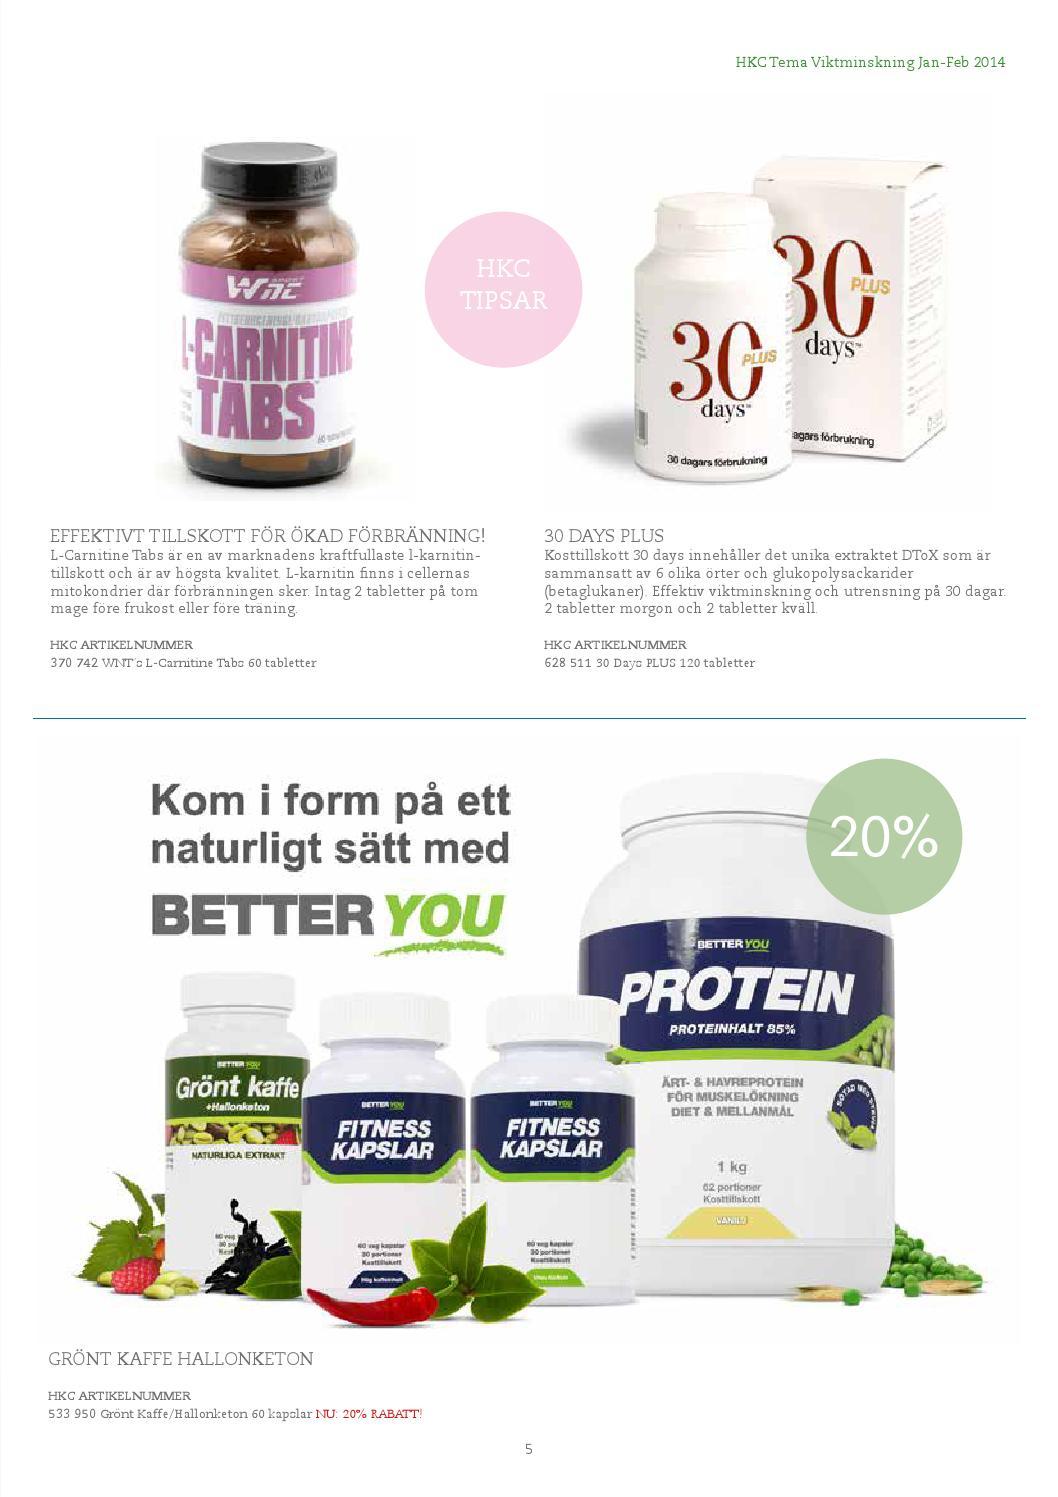 30 days viktminskning